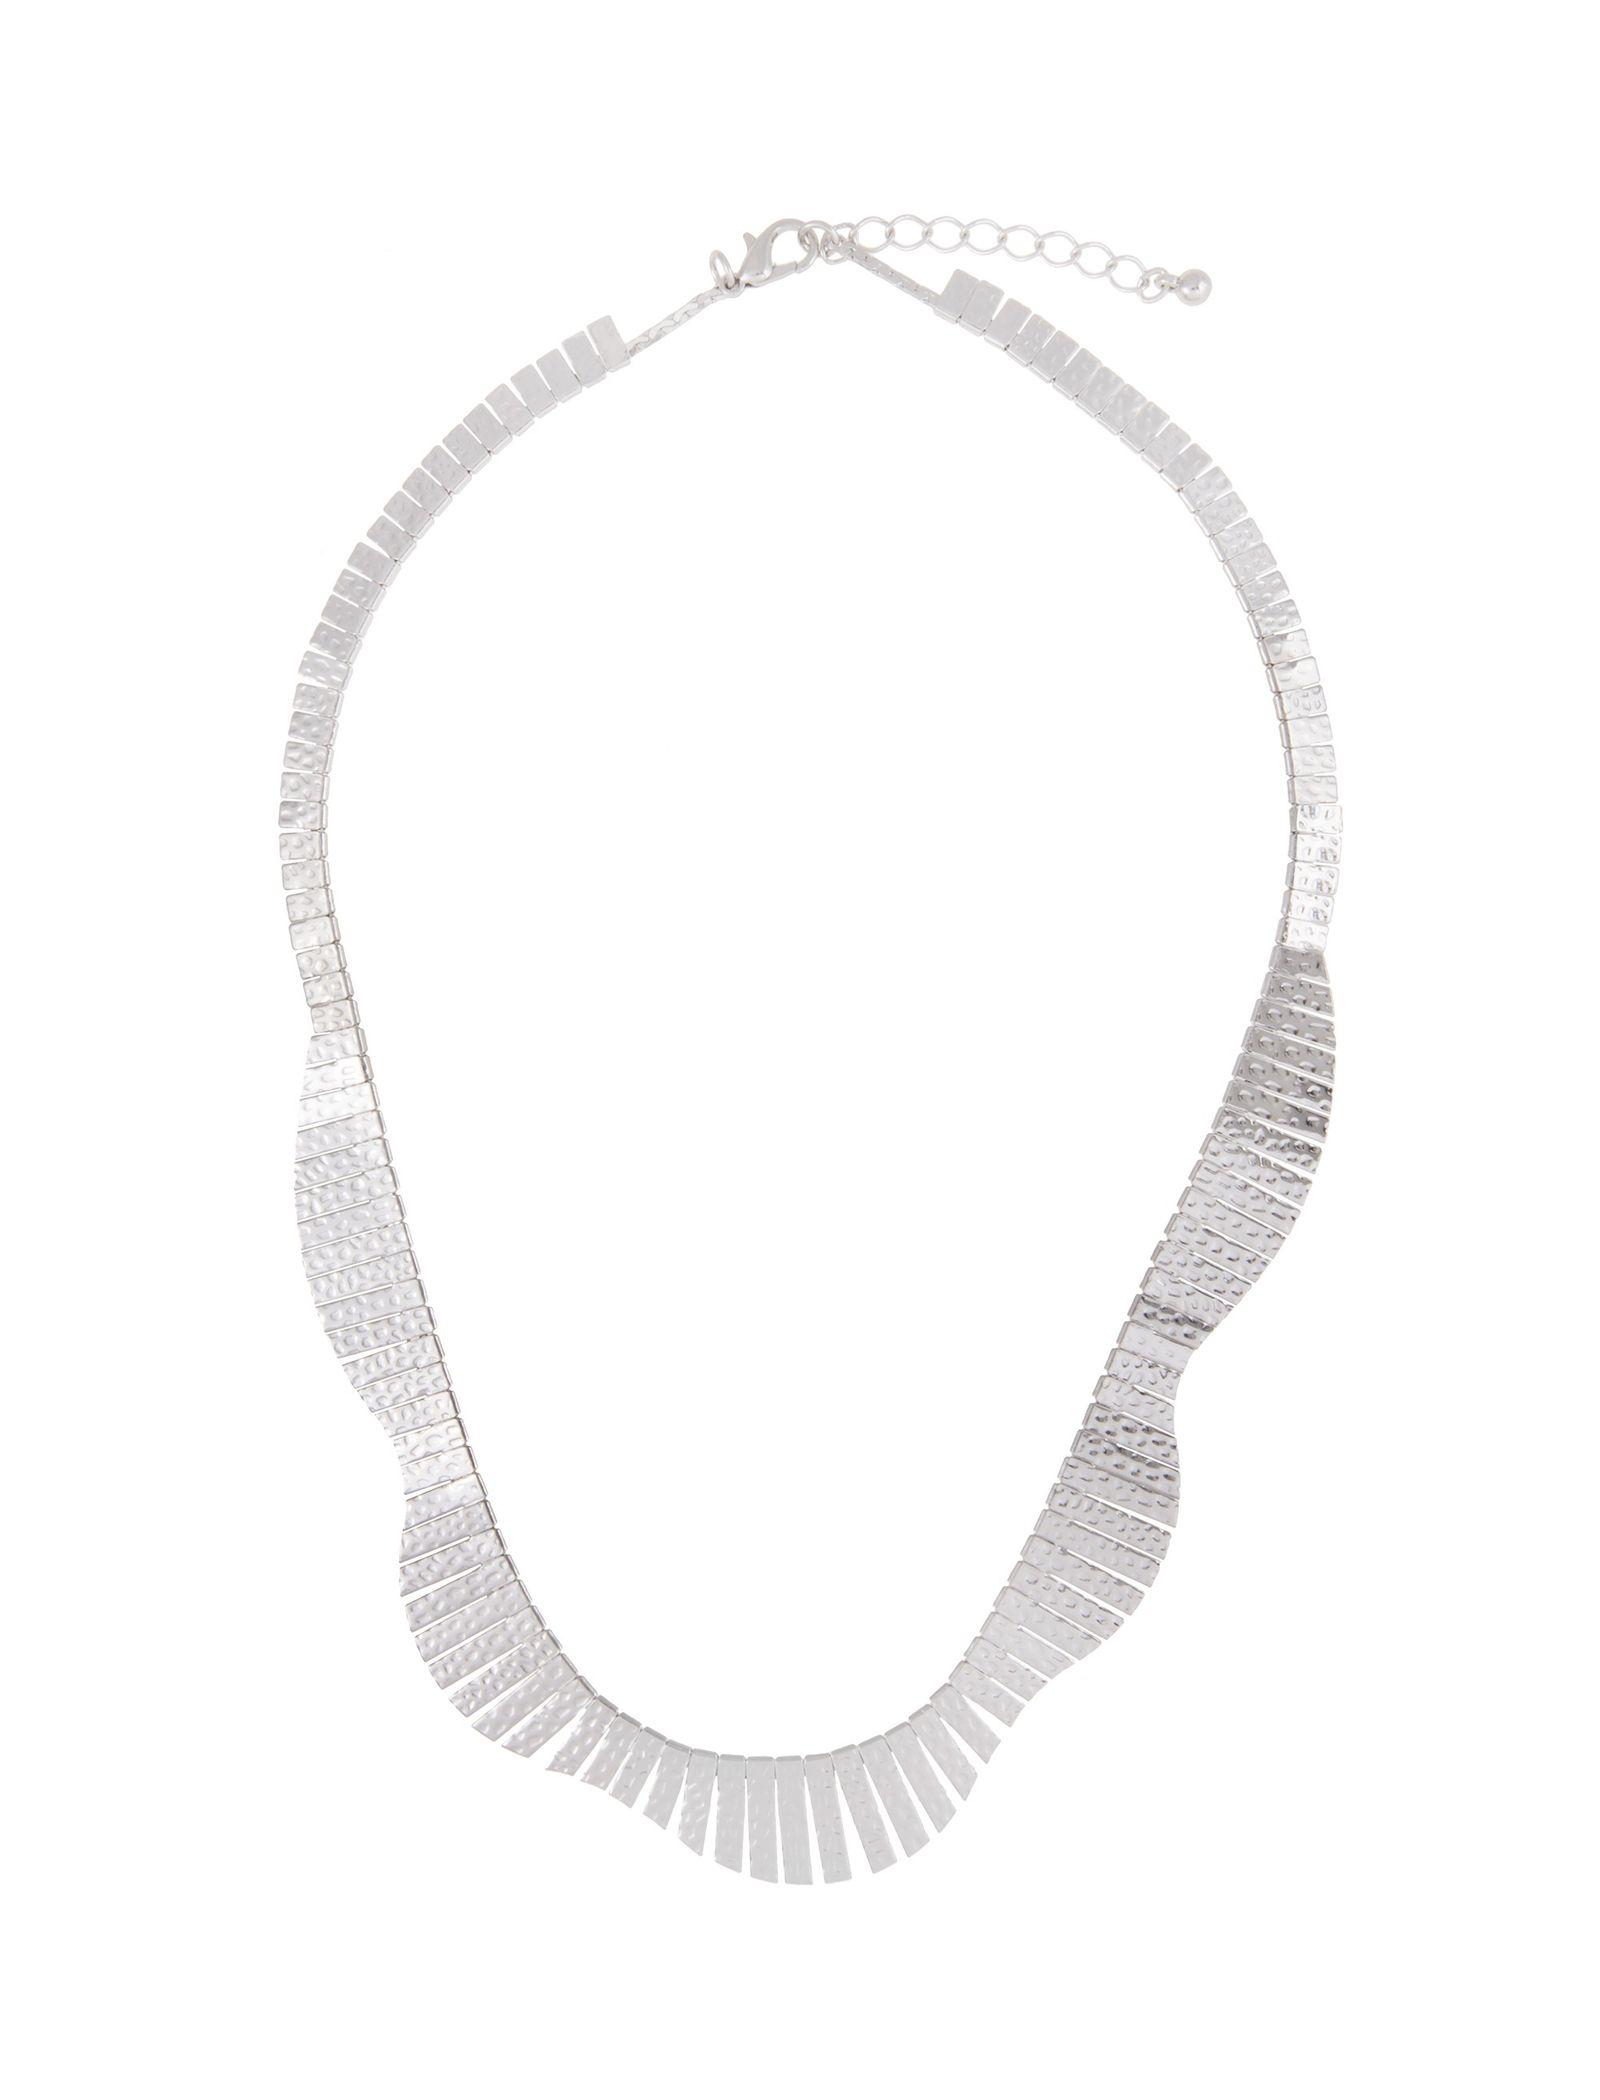 گردنبند زنانه - پارفوا - نقره اي - 1